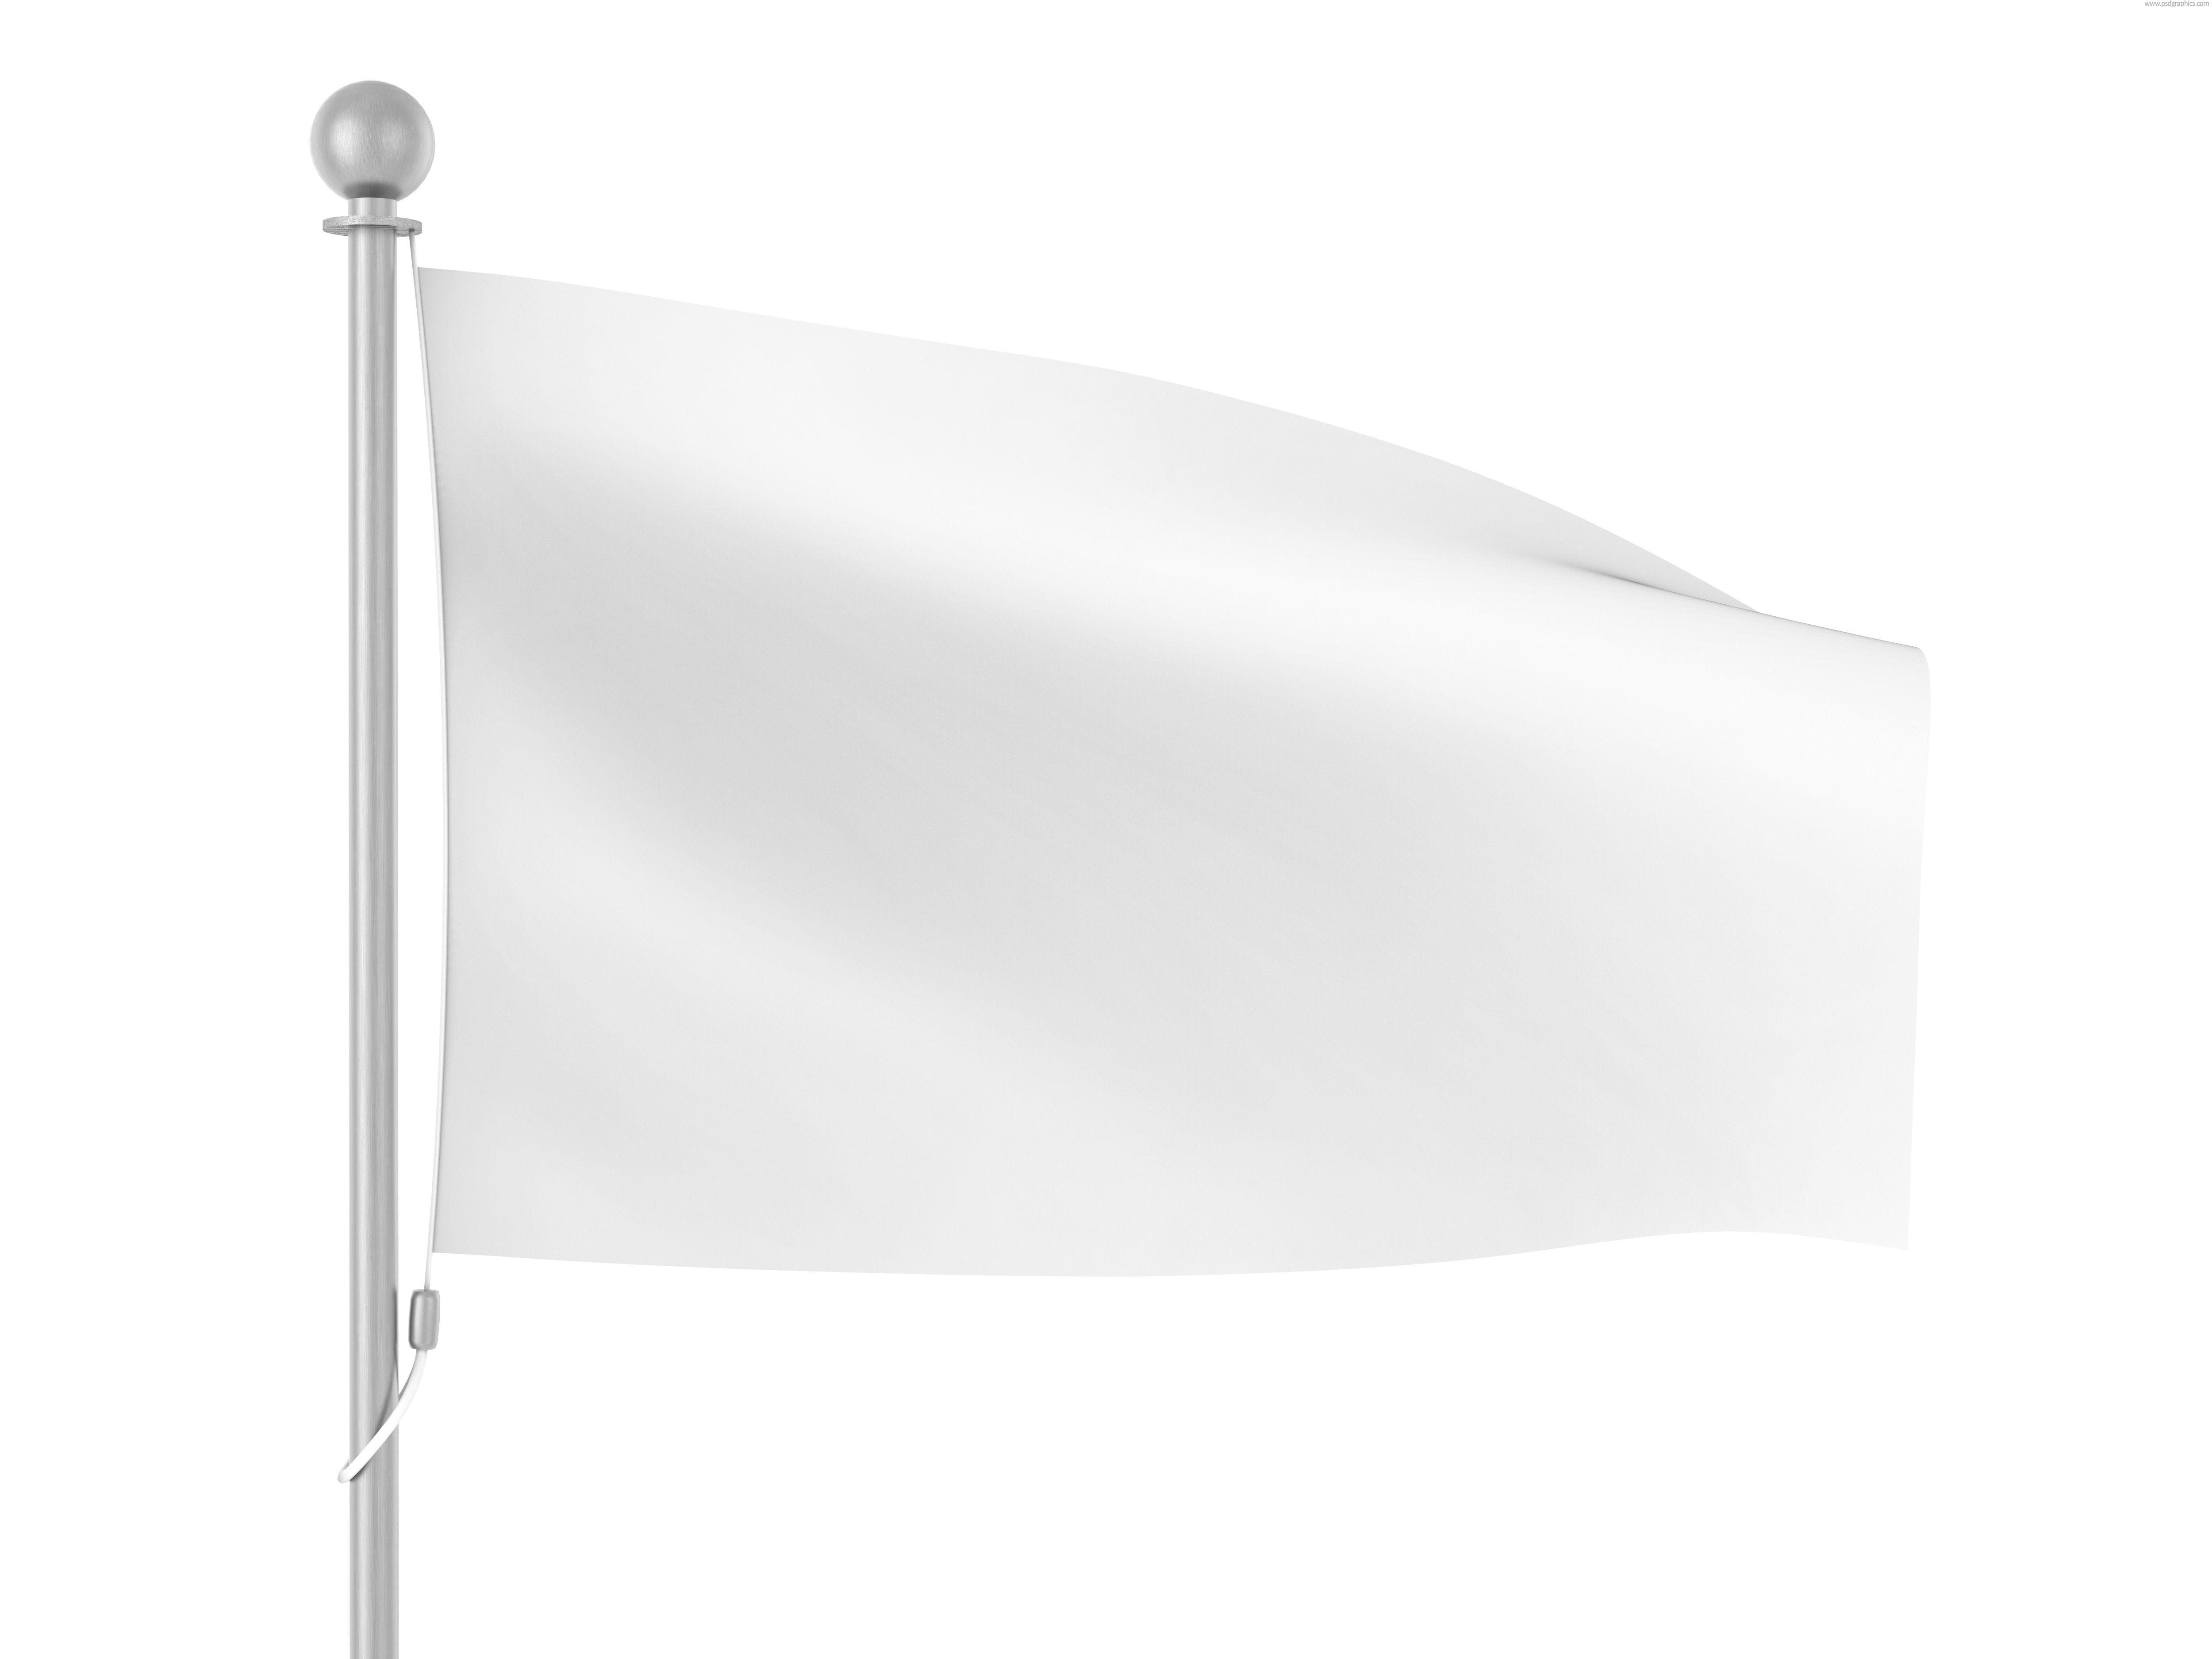 White Flag White Flag Bright Background Flag Template